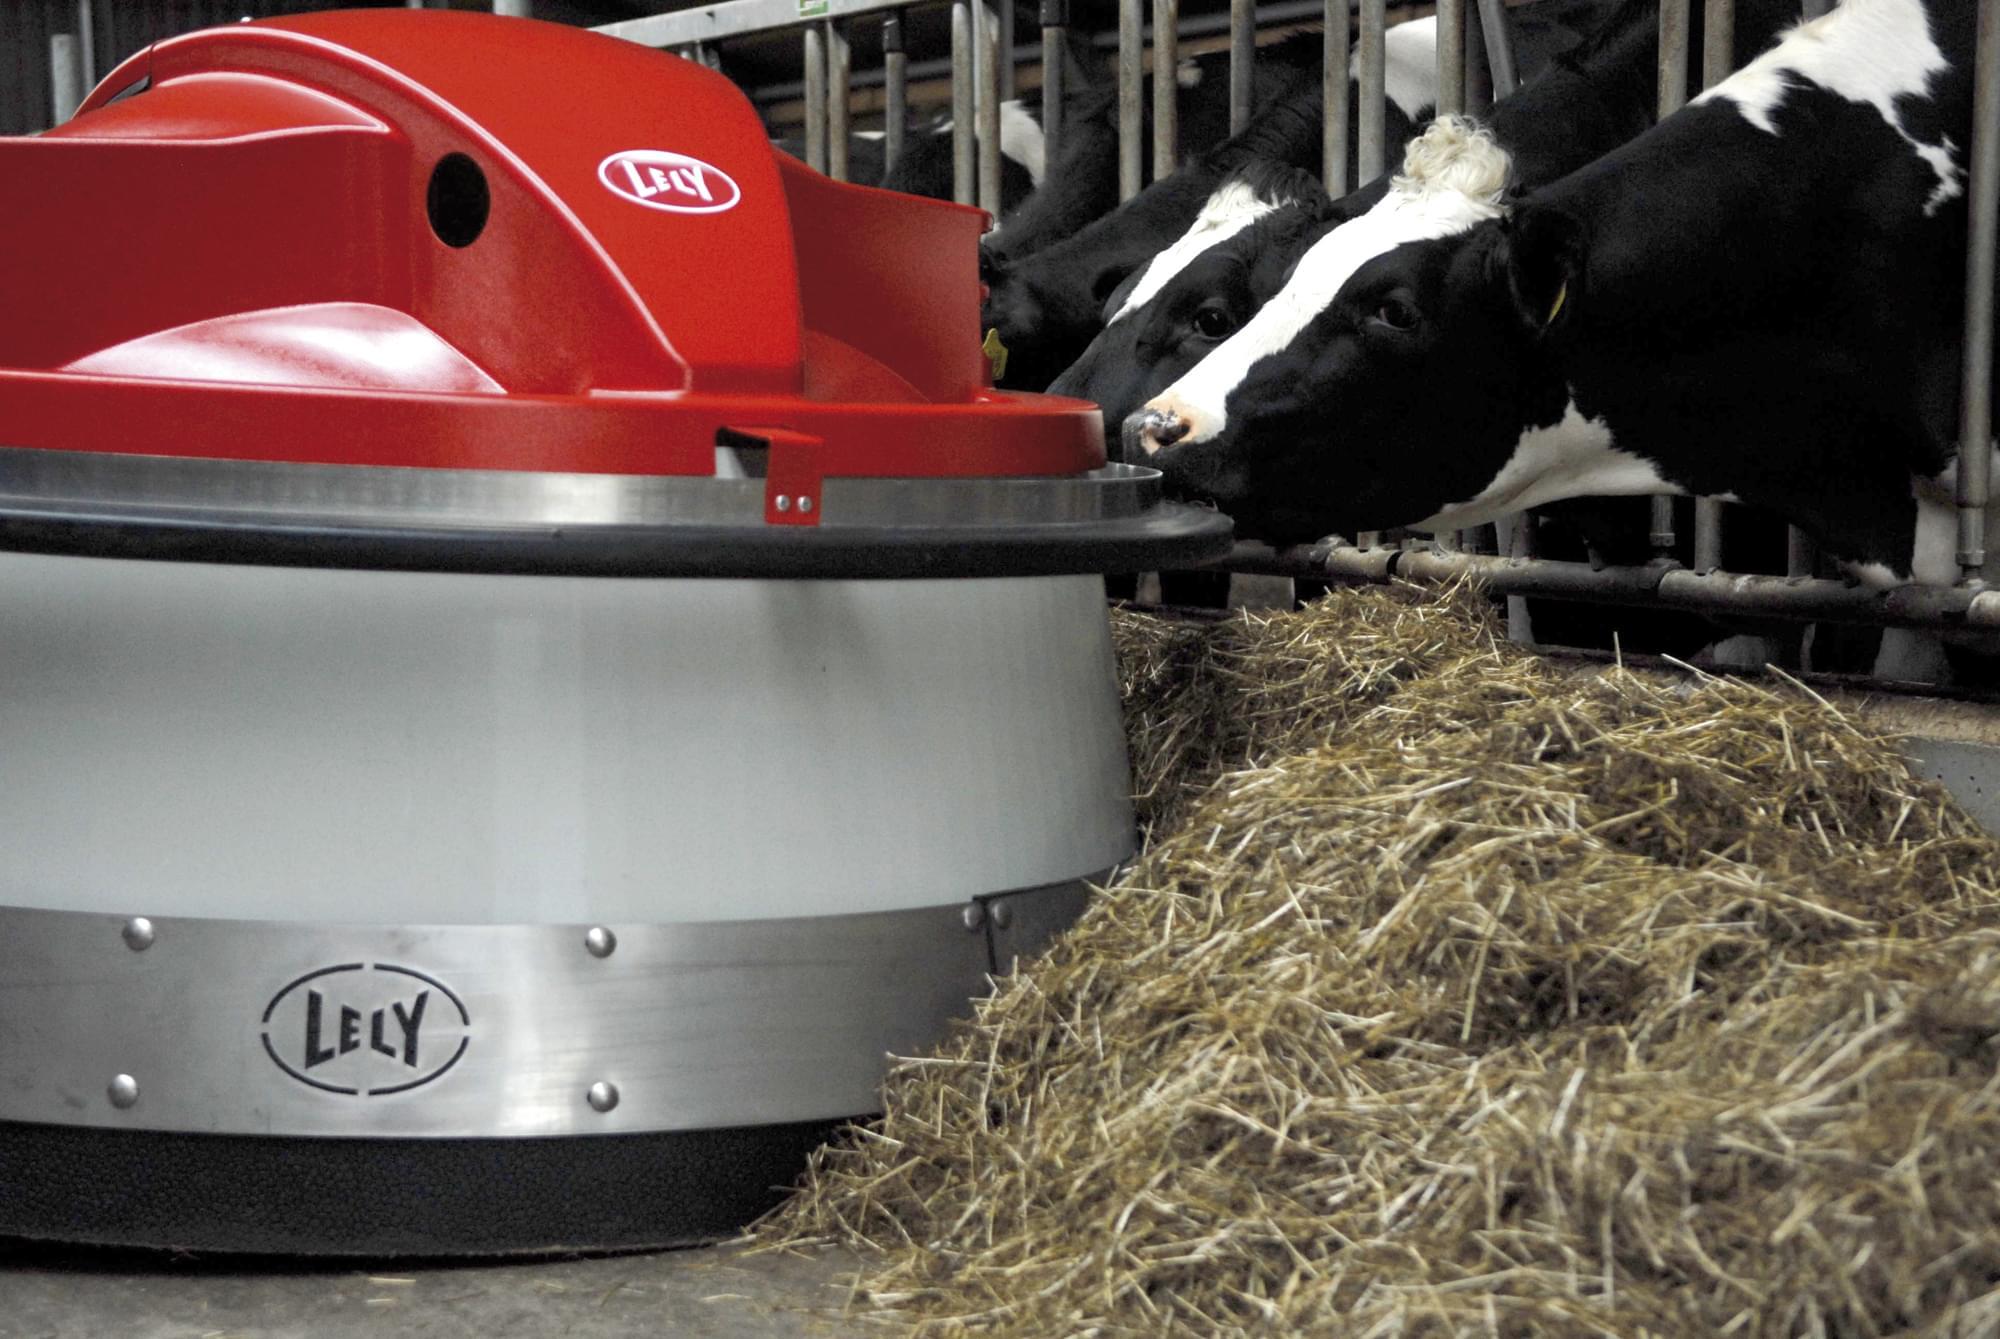 Lely Juno robot de impins hrana in ferme